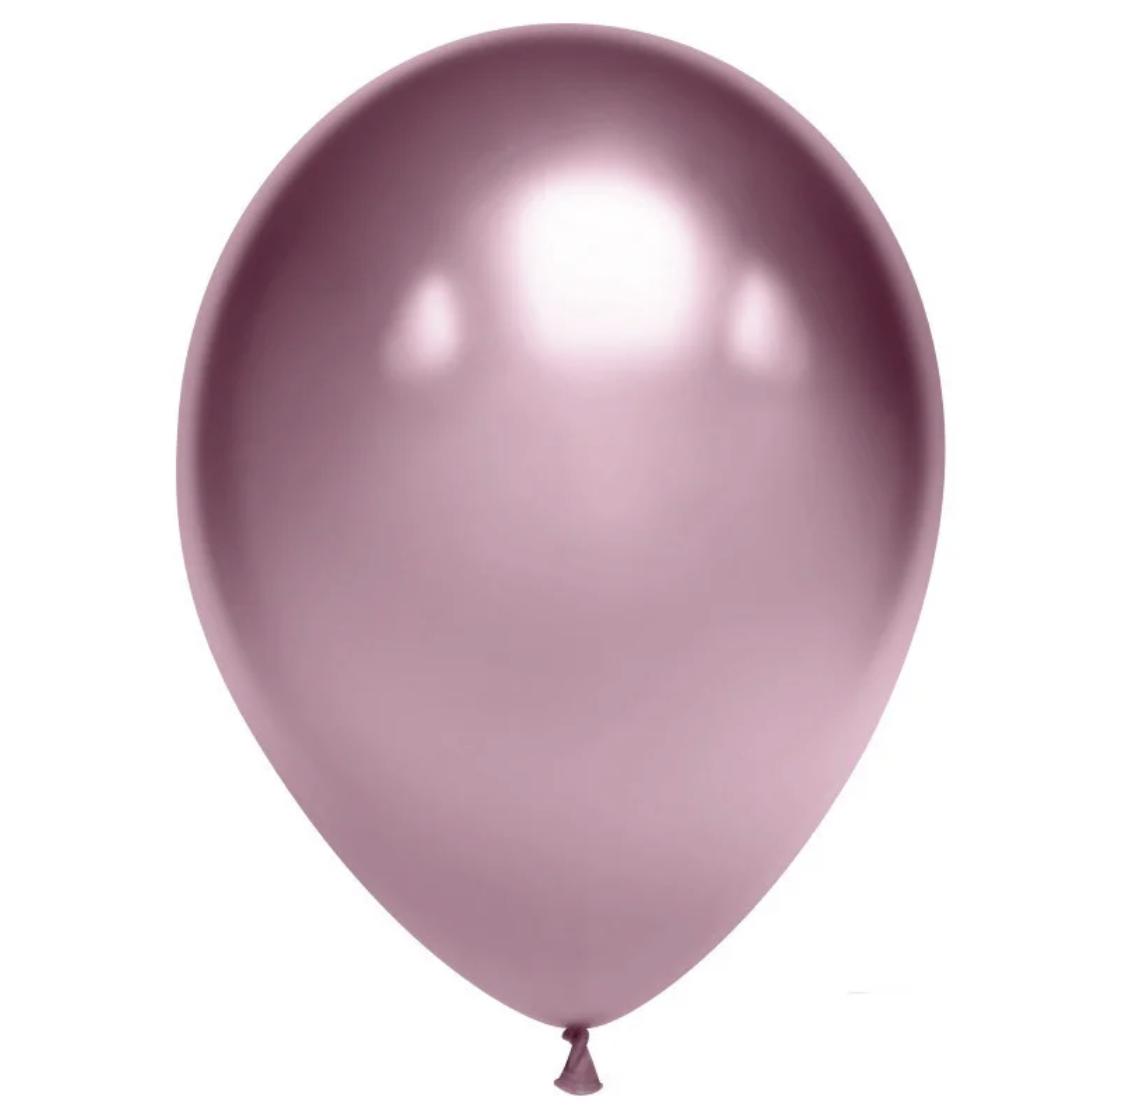 Латексные шары 12' хром Tofo Китай розовое золото, (30 см) 50 шт